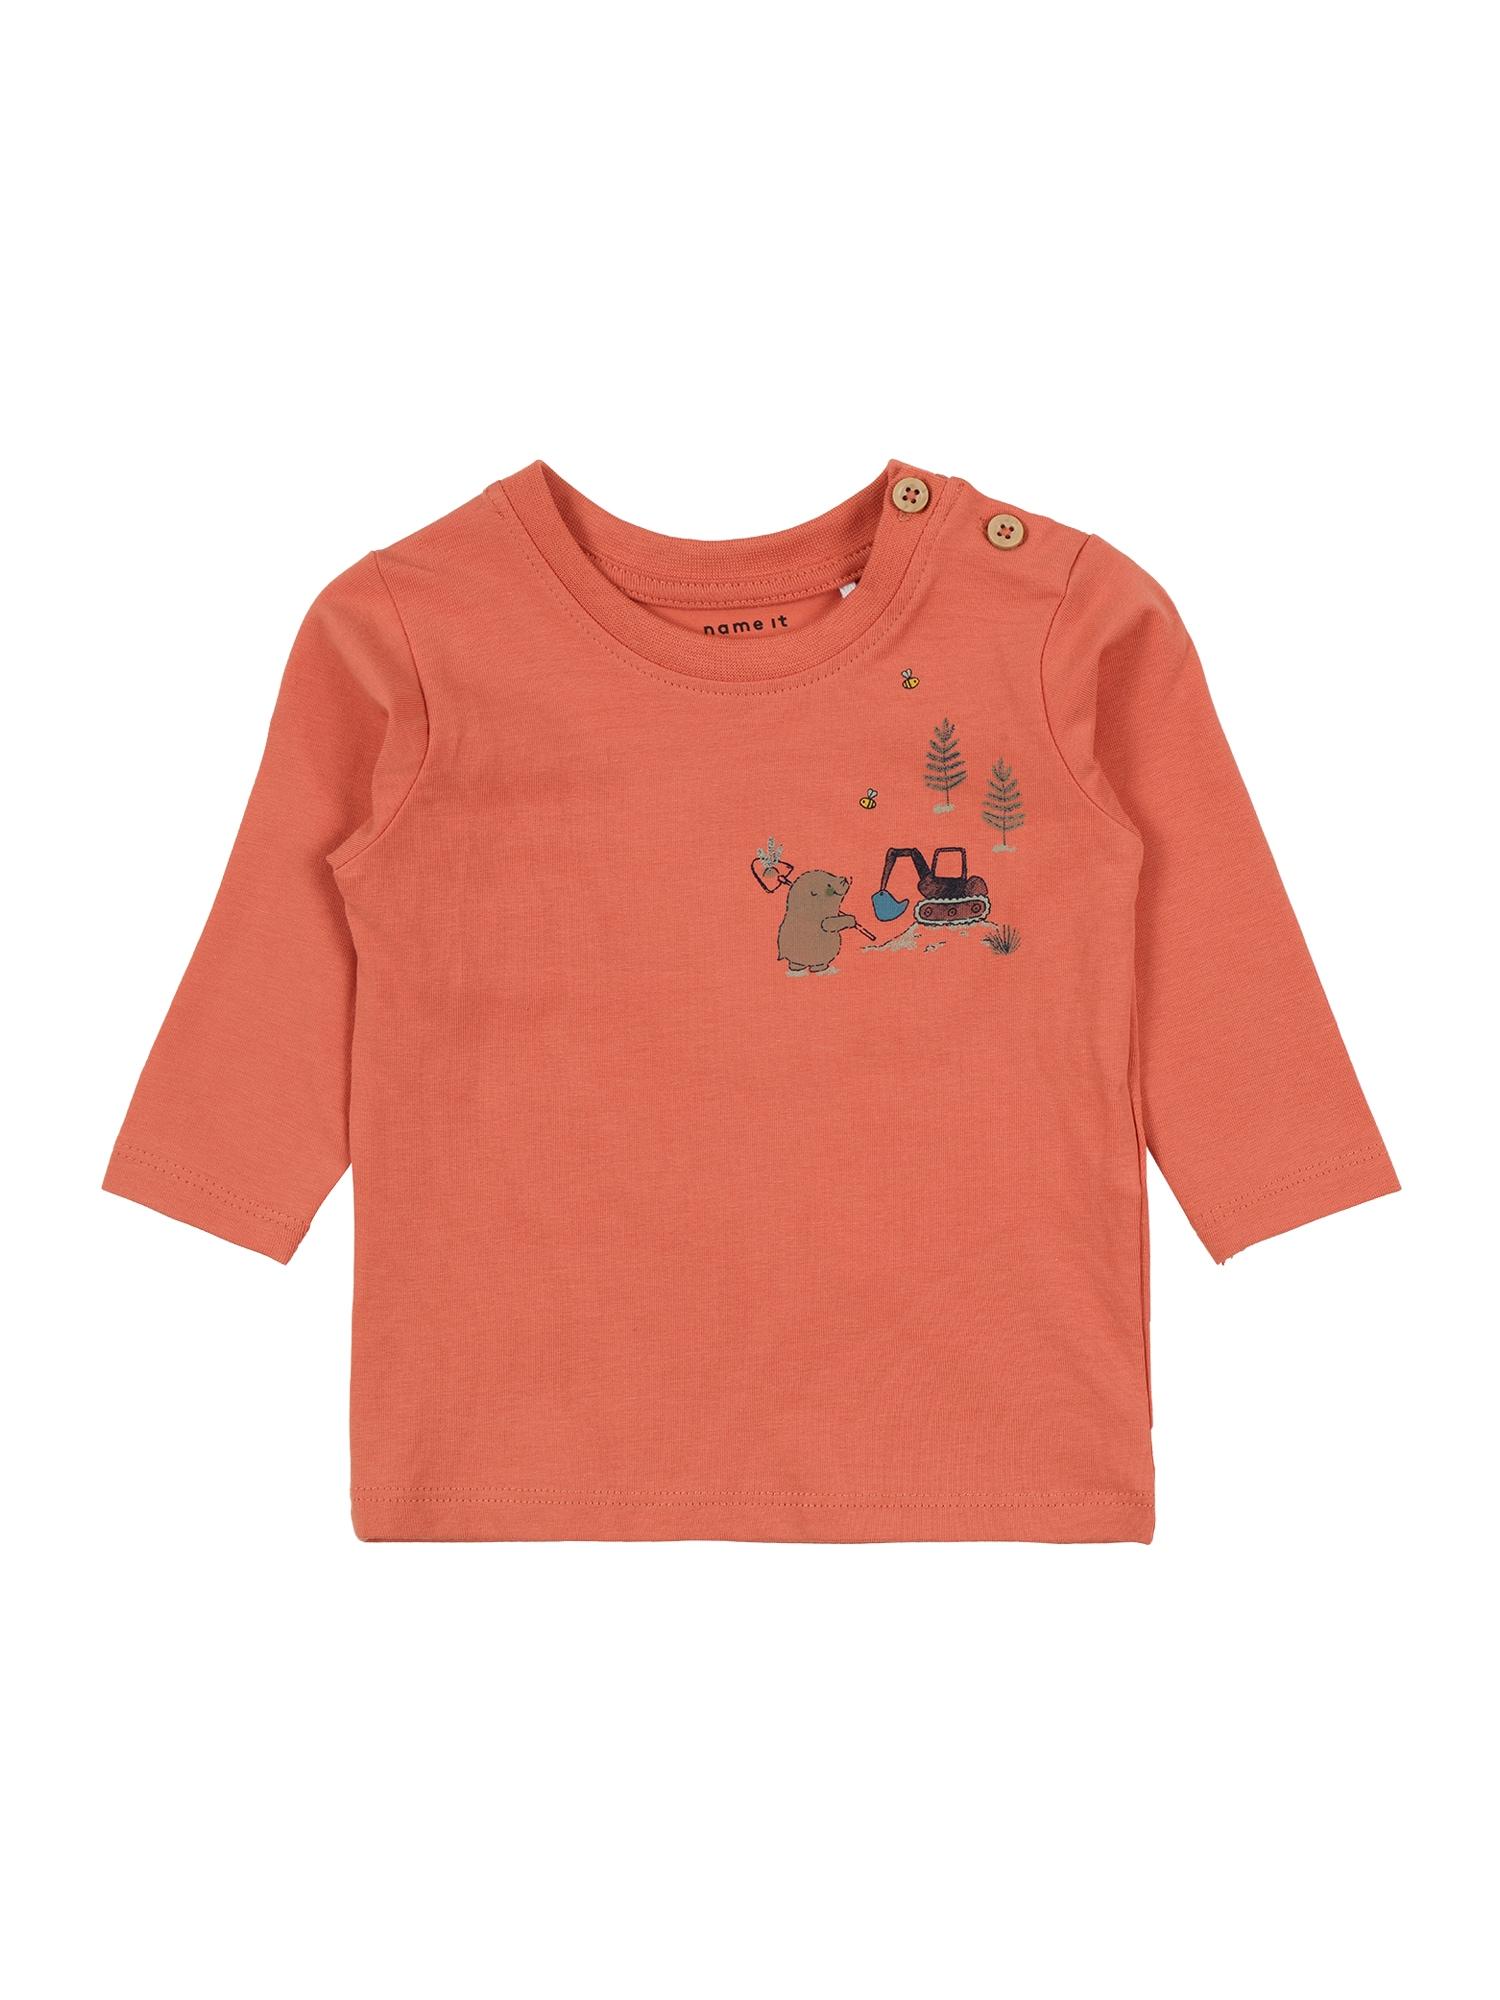 NAME IT Marškinėliai koralų splava / pilka / mėlyna / tamsiai raudona / geltona